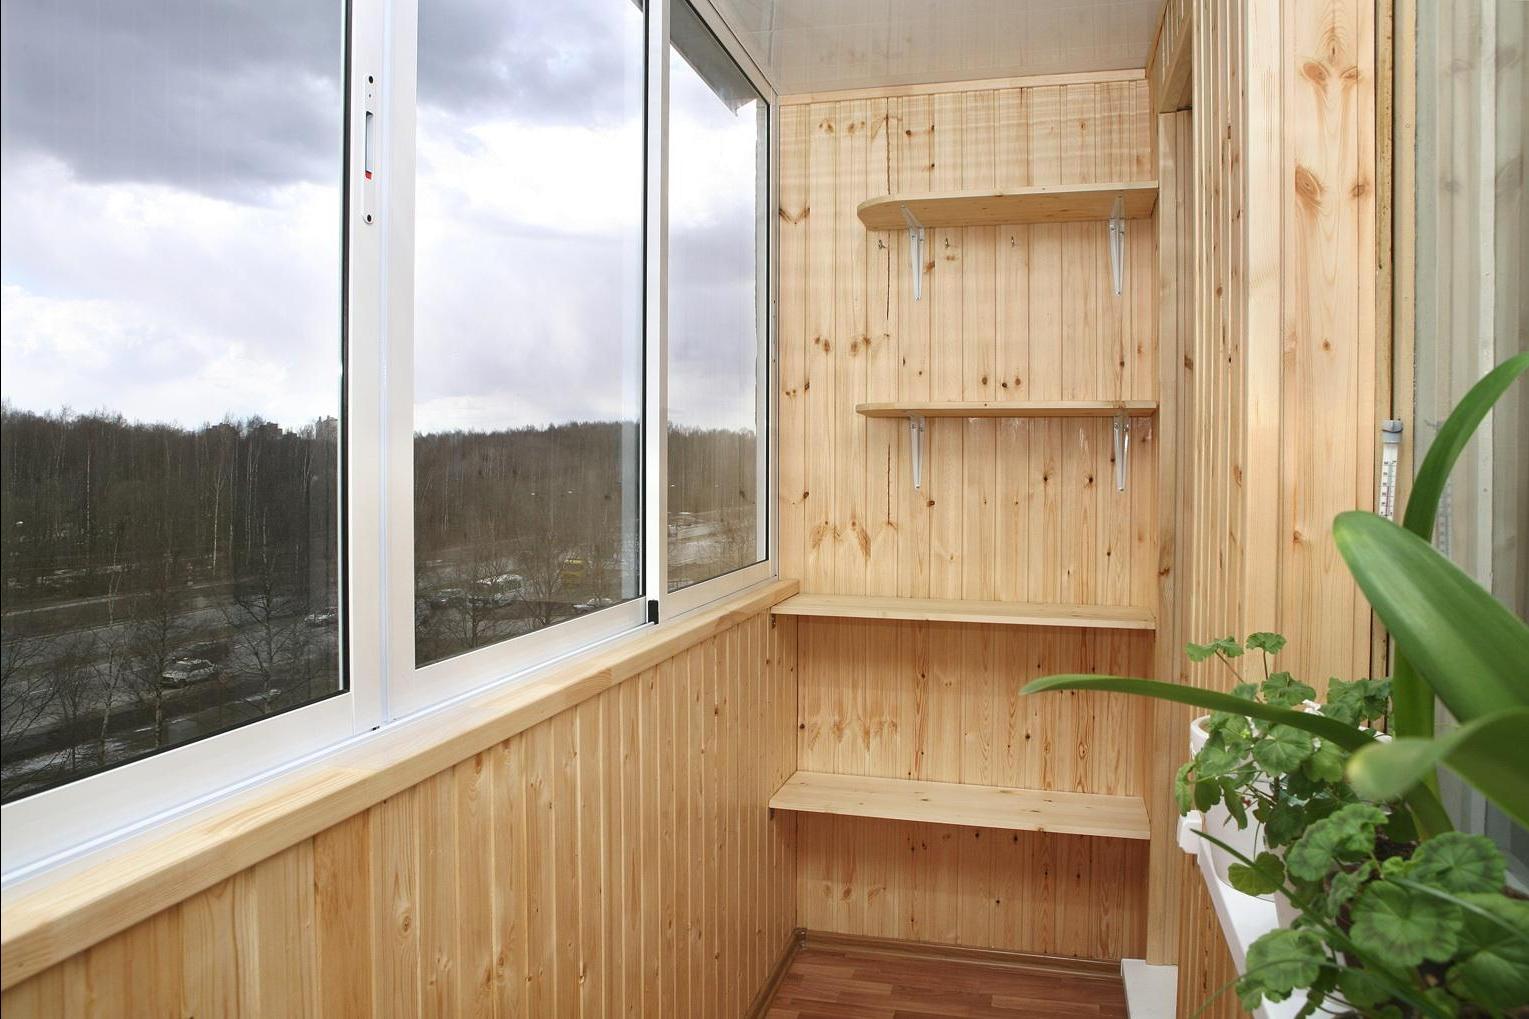 Внутренняя отделка балкона: проведение работ полностью своим.